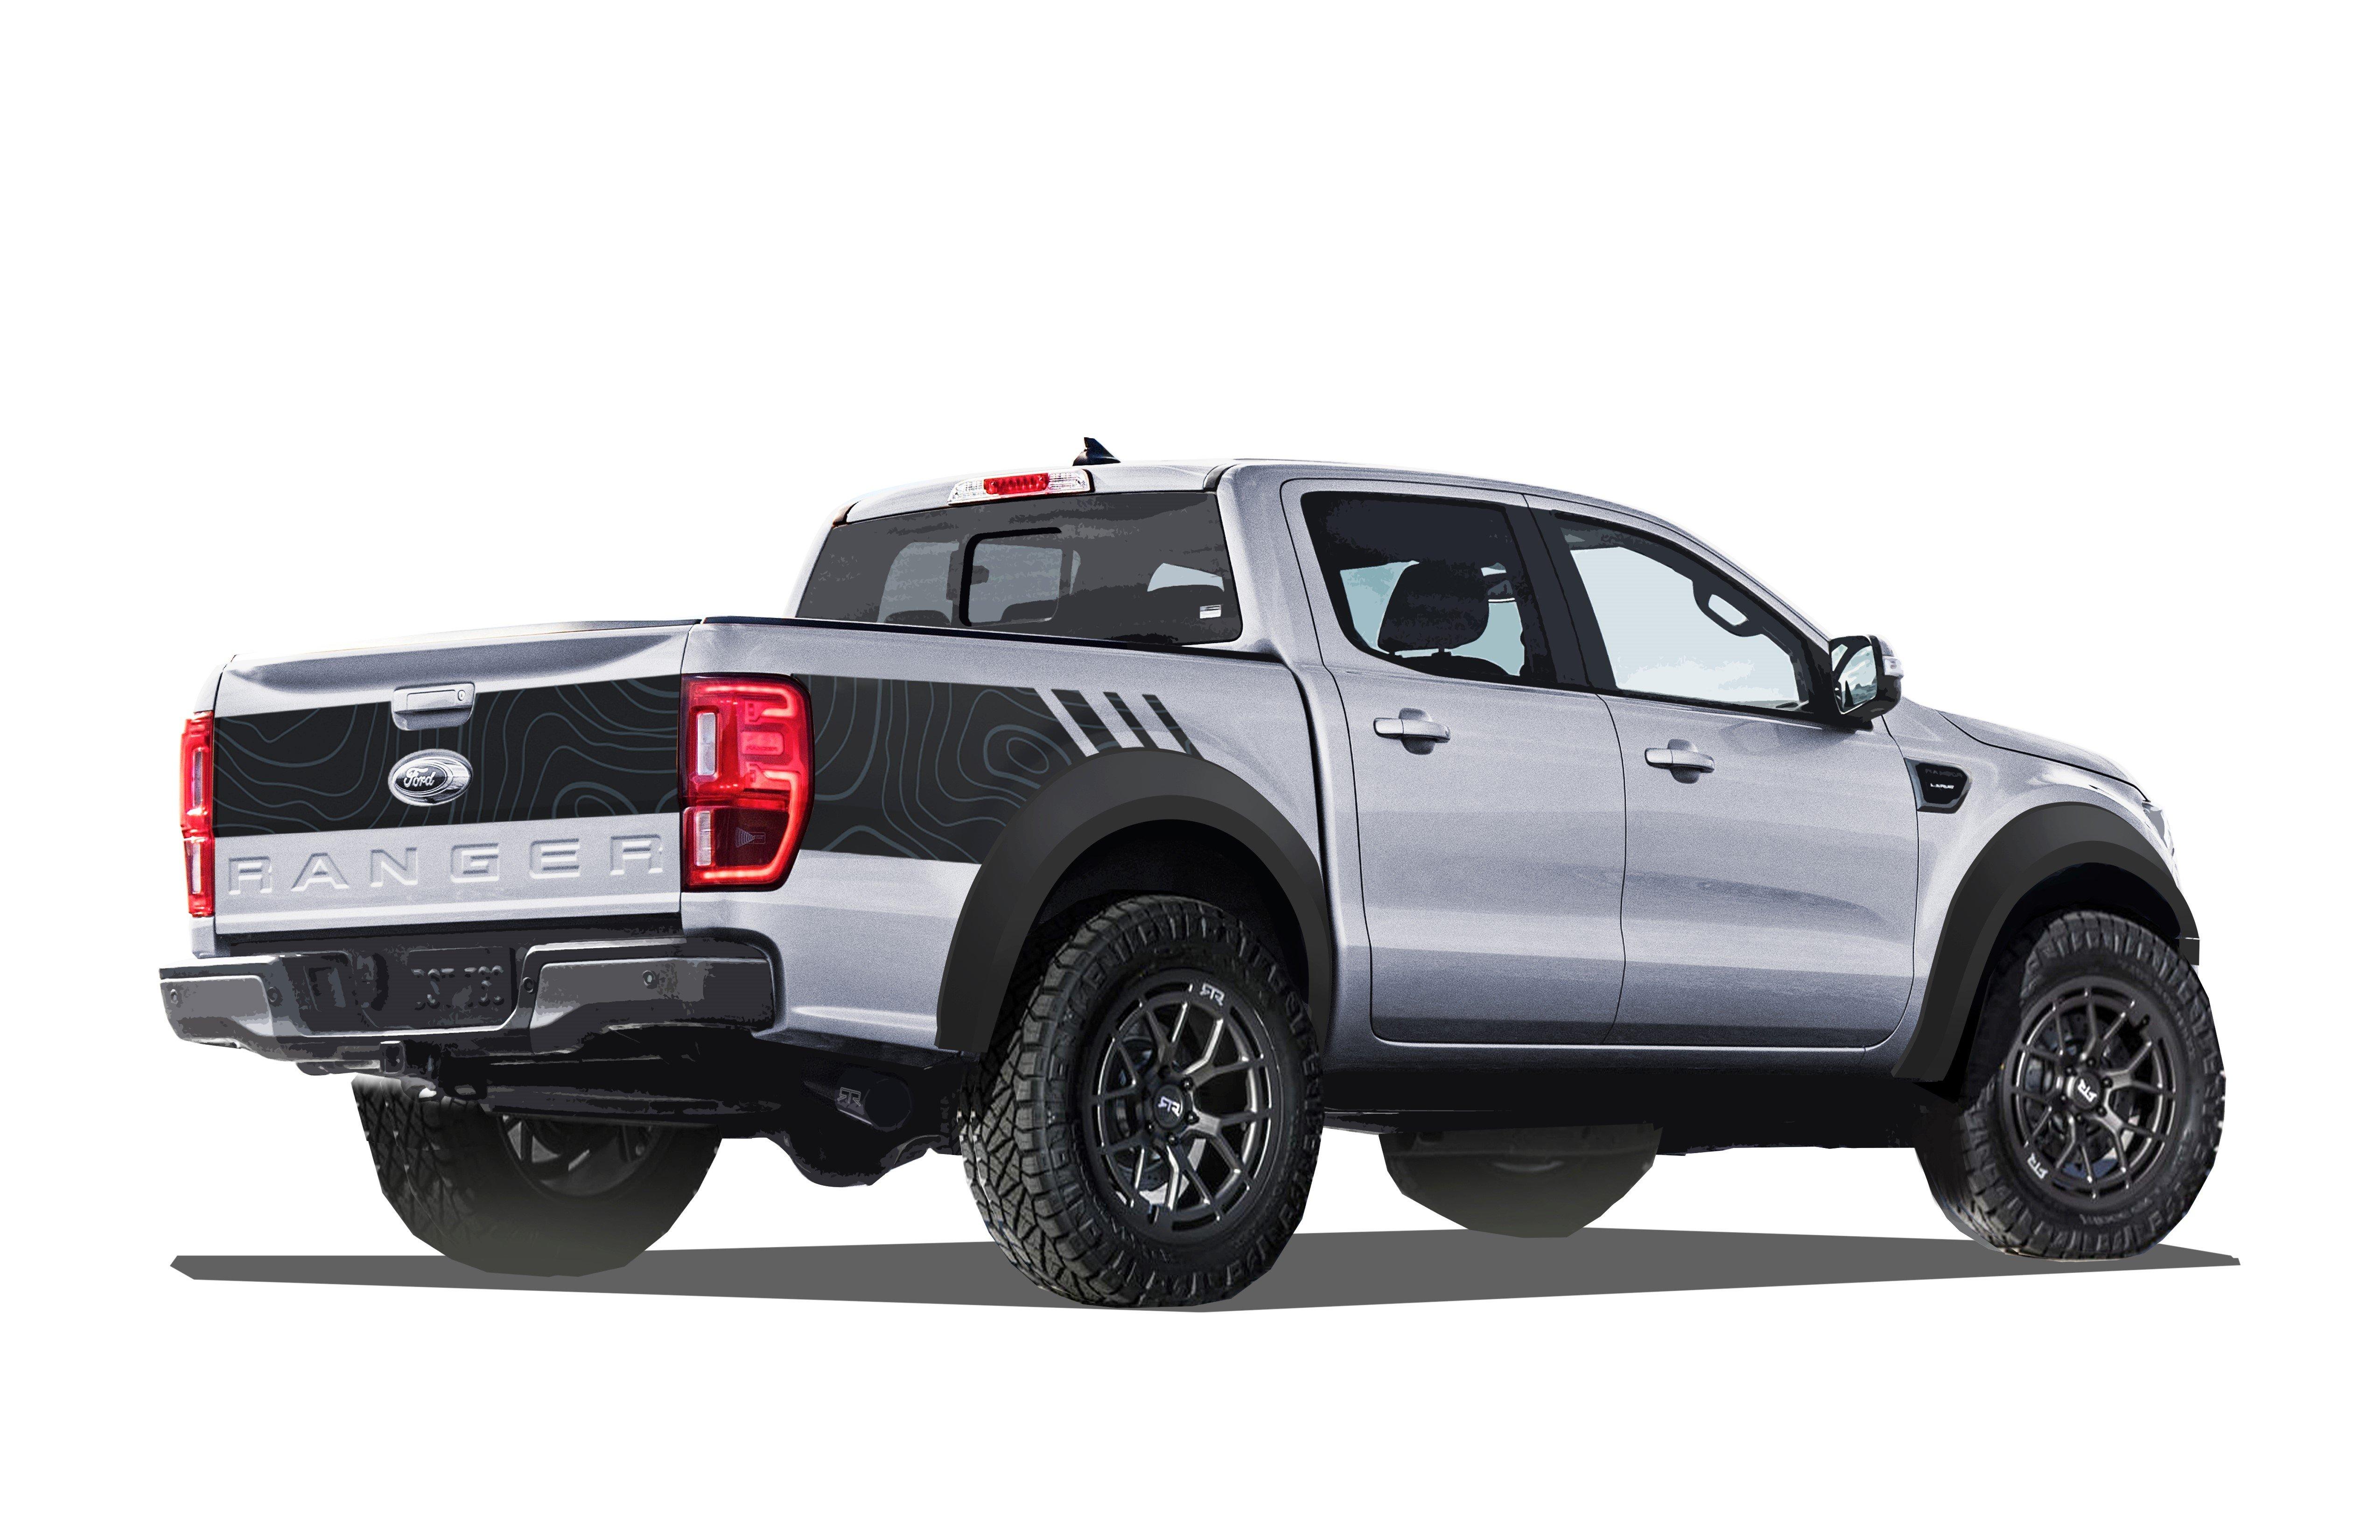 Ford-Ranger-RTR-2